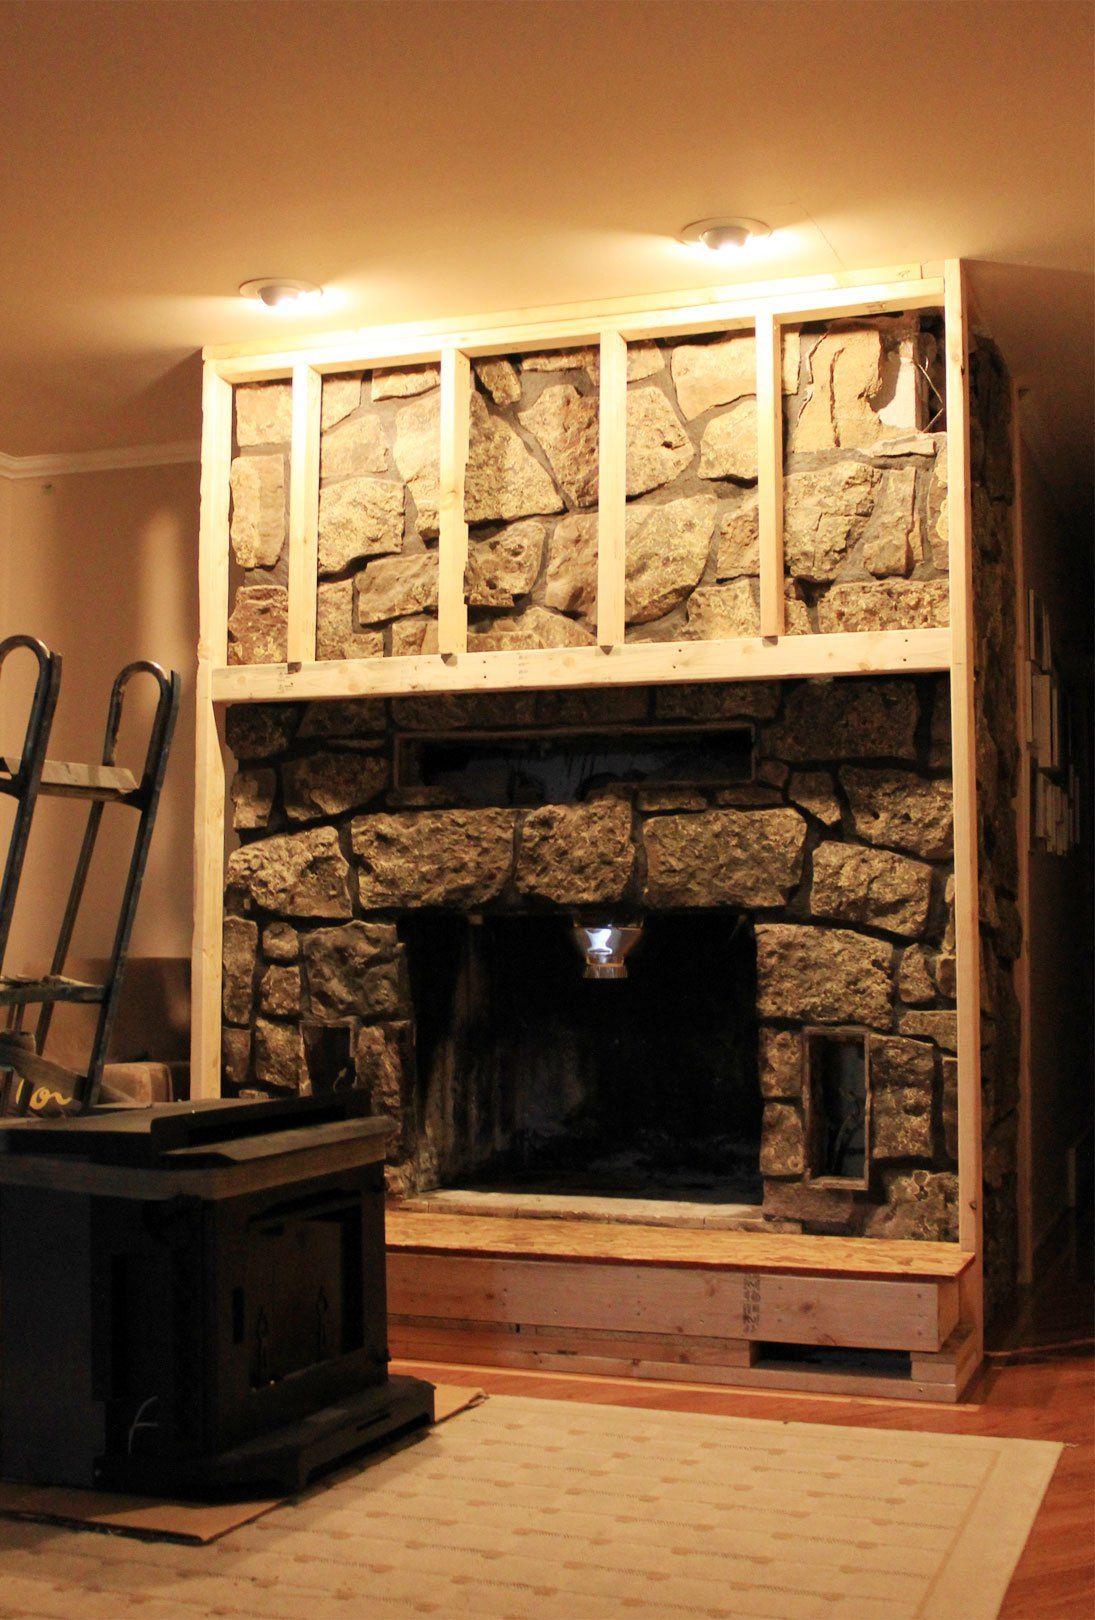 fireplace build out insert family room ideas pinterest hogar